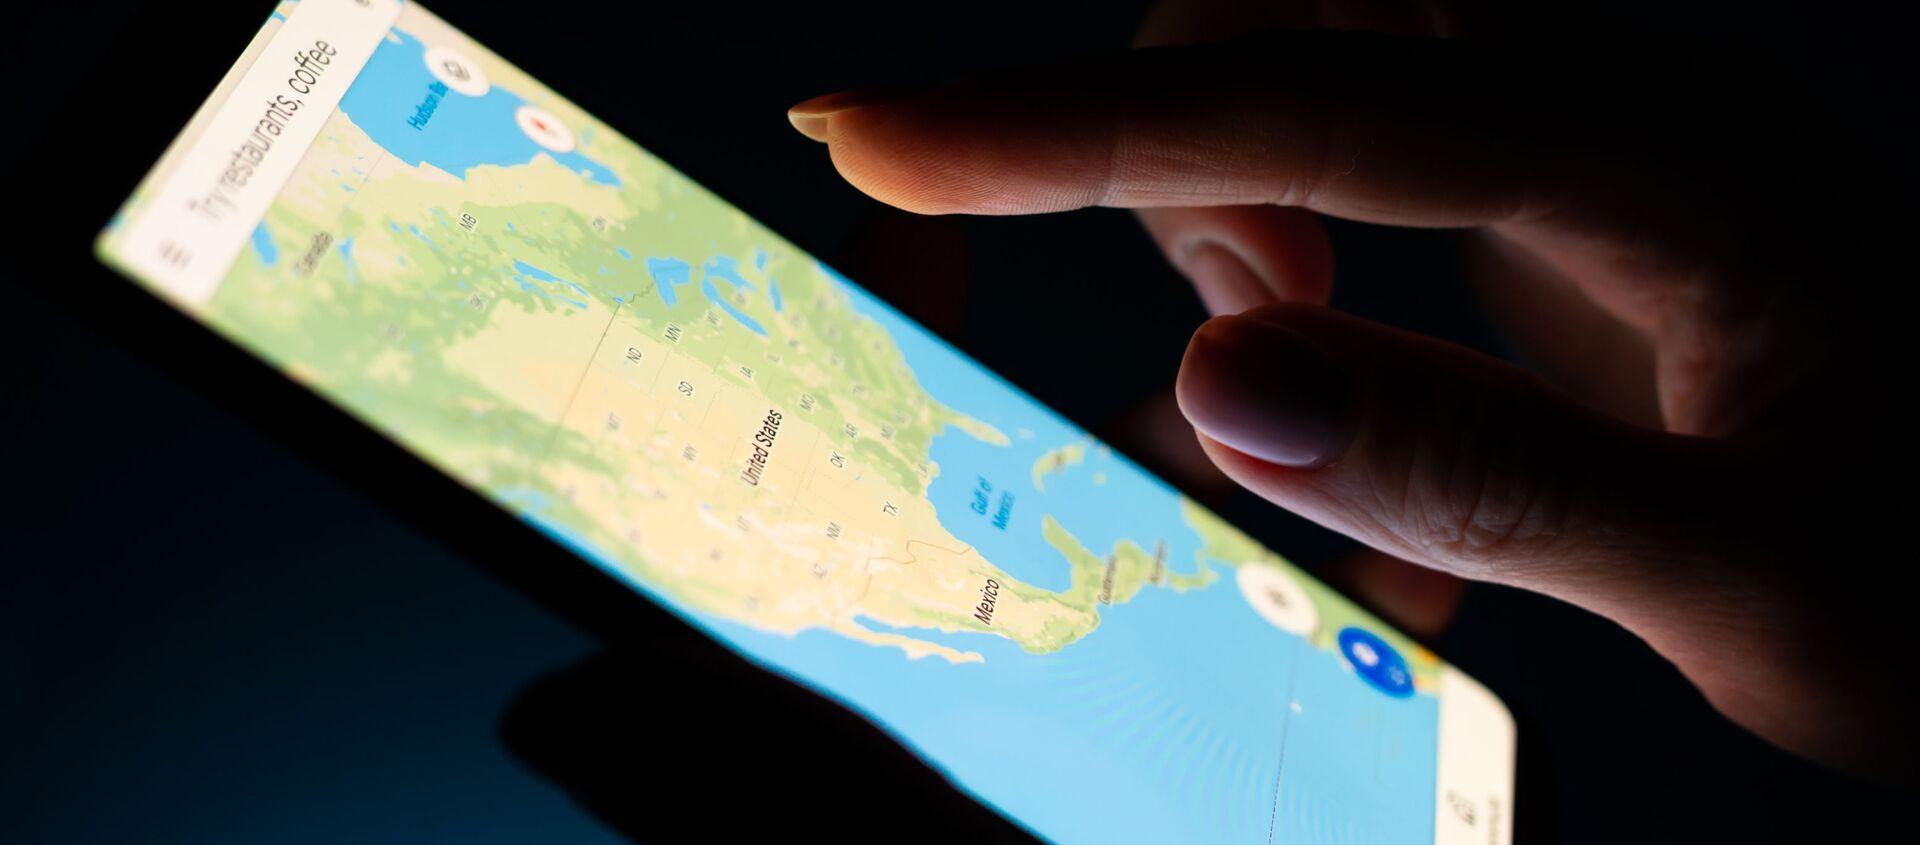 Bản đồ Hoa Kỳ trong ứng dụng Google Maps mở trên màn hình điện thoại thông minh. - Sputnik Việt Nam, 1920, 16.02.2021